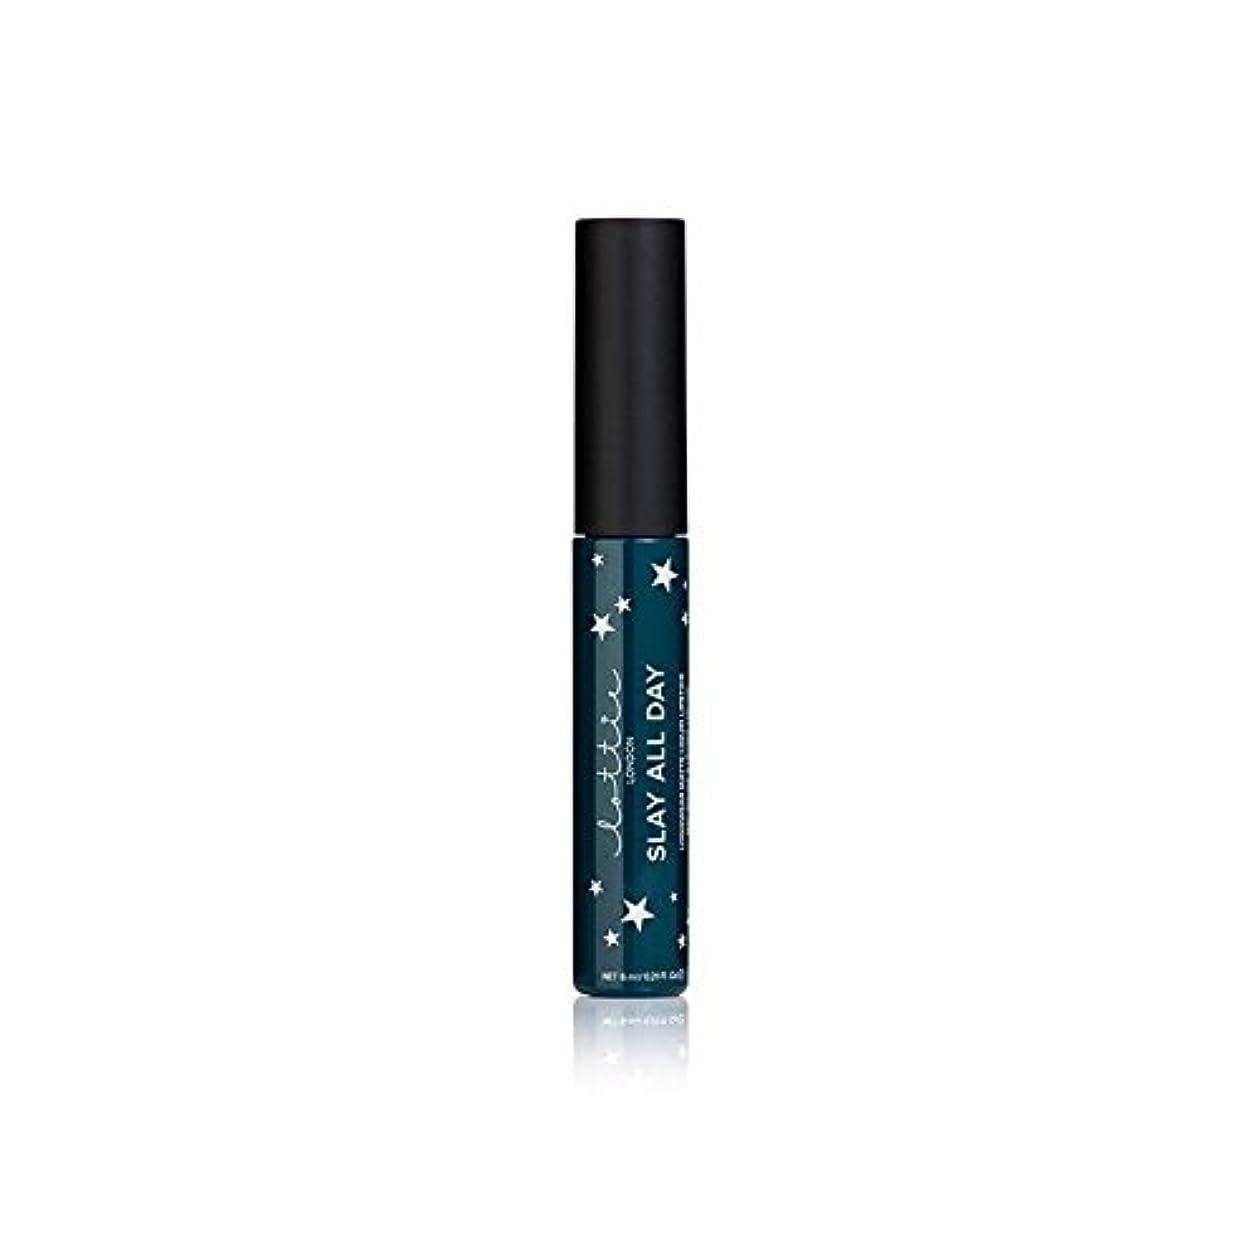 従順な押す合金Lottie London Matte Liquid Lipstick - Queen - ロンドンマット液状口紅を - 女王 [並行輸入品]